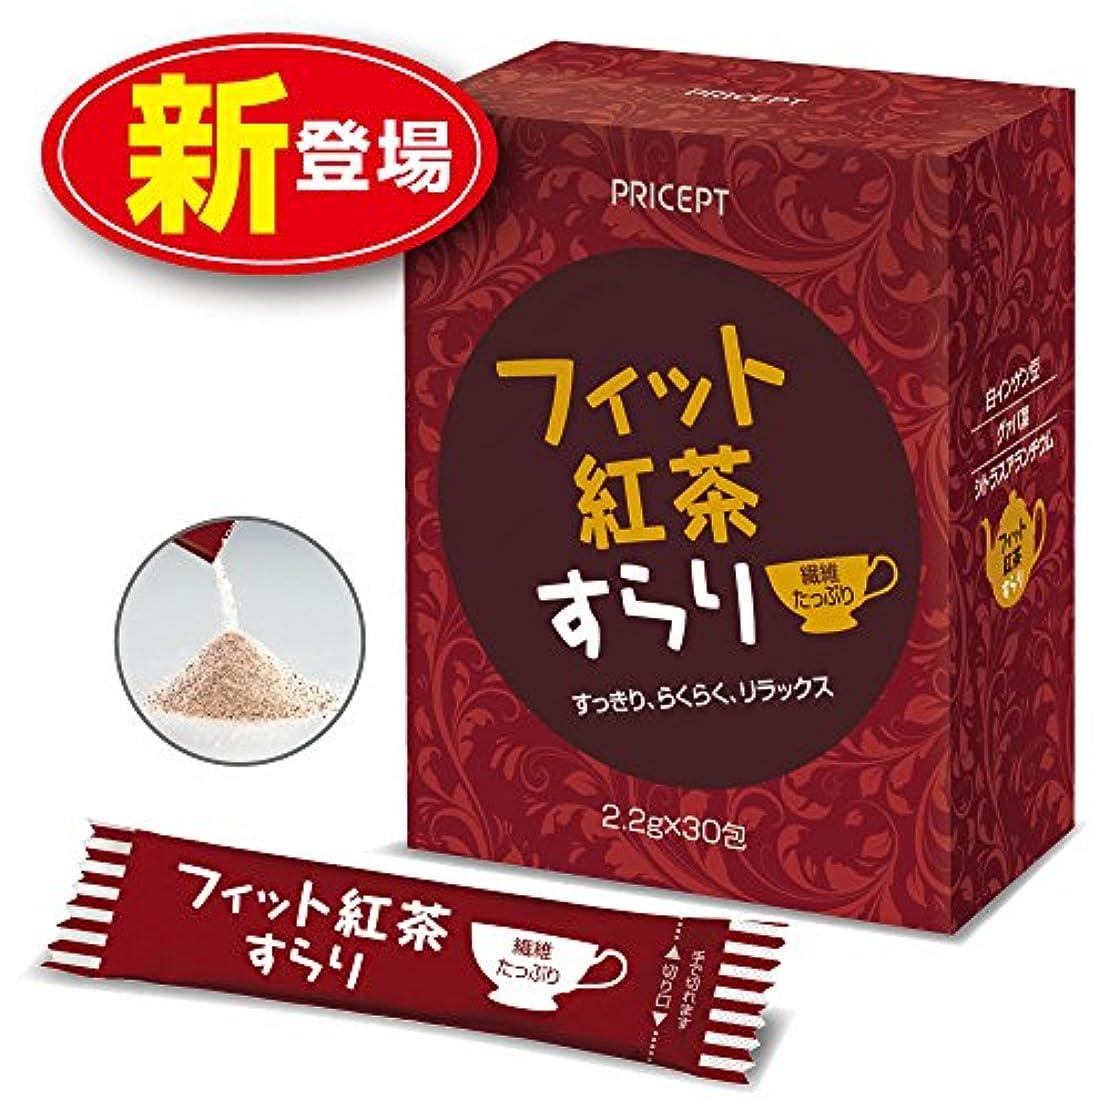 放散する十分に否認するプリセプト フィット紅茶すらり(30包)【単品】(食物繊維配合ダイエットサポート紅茶)